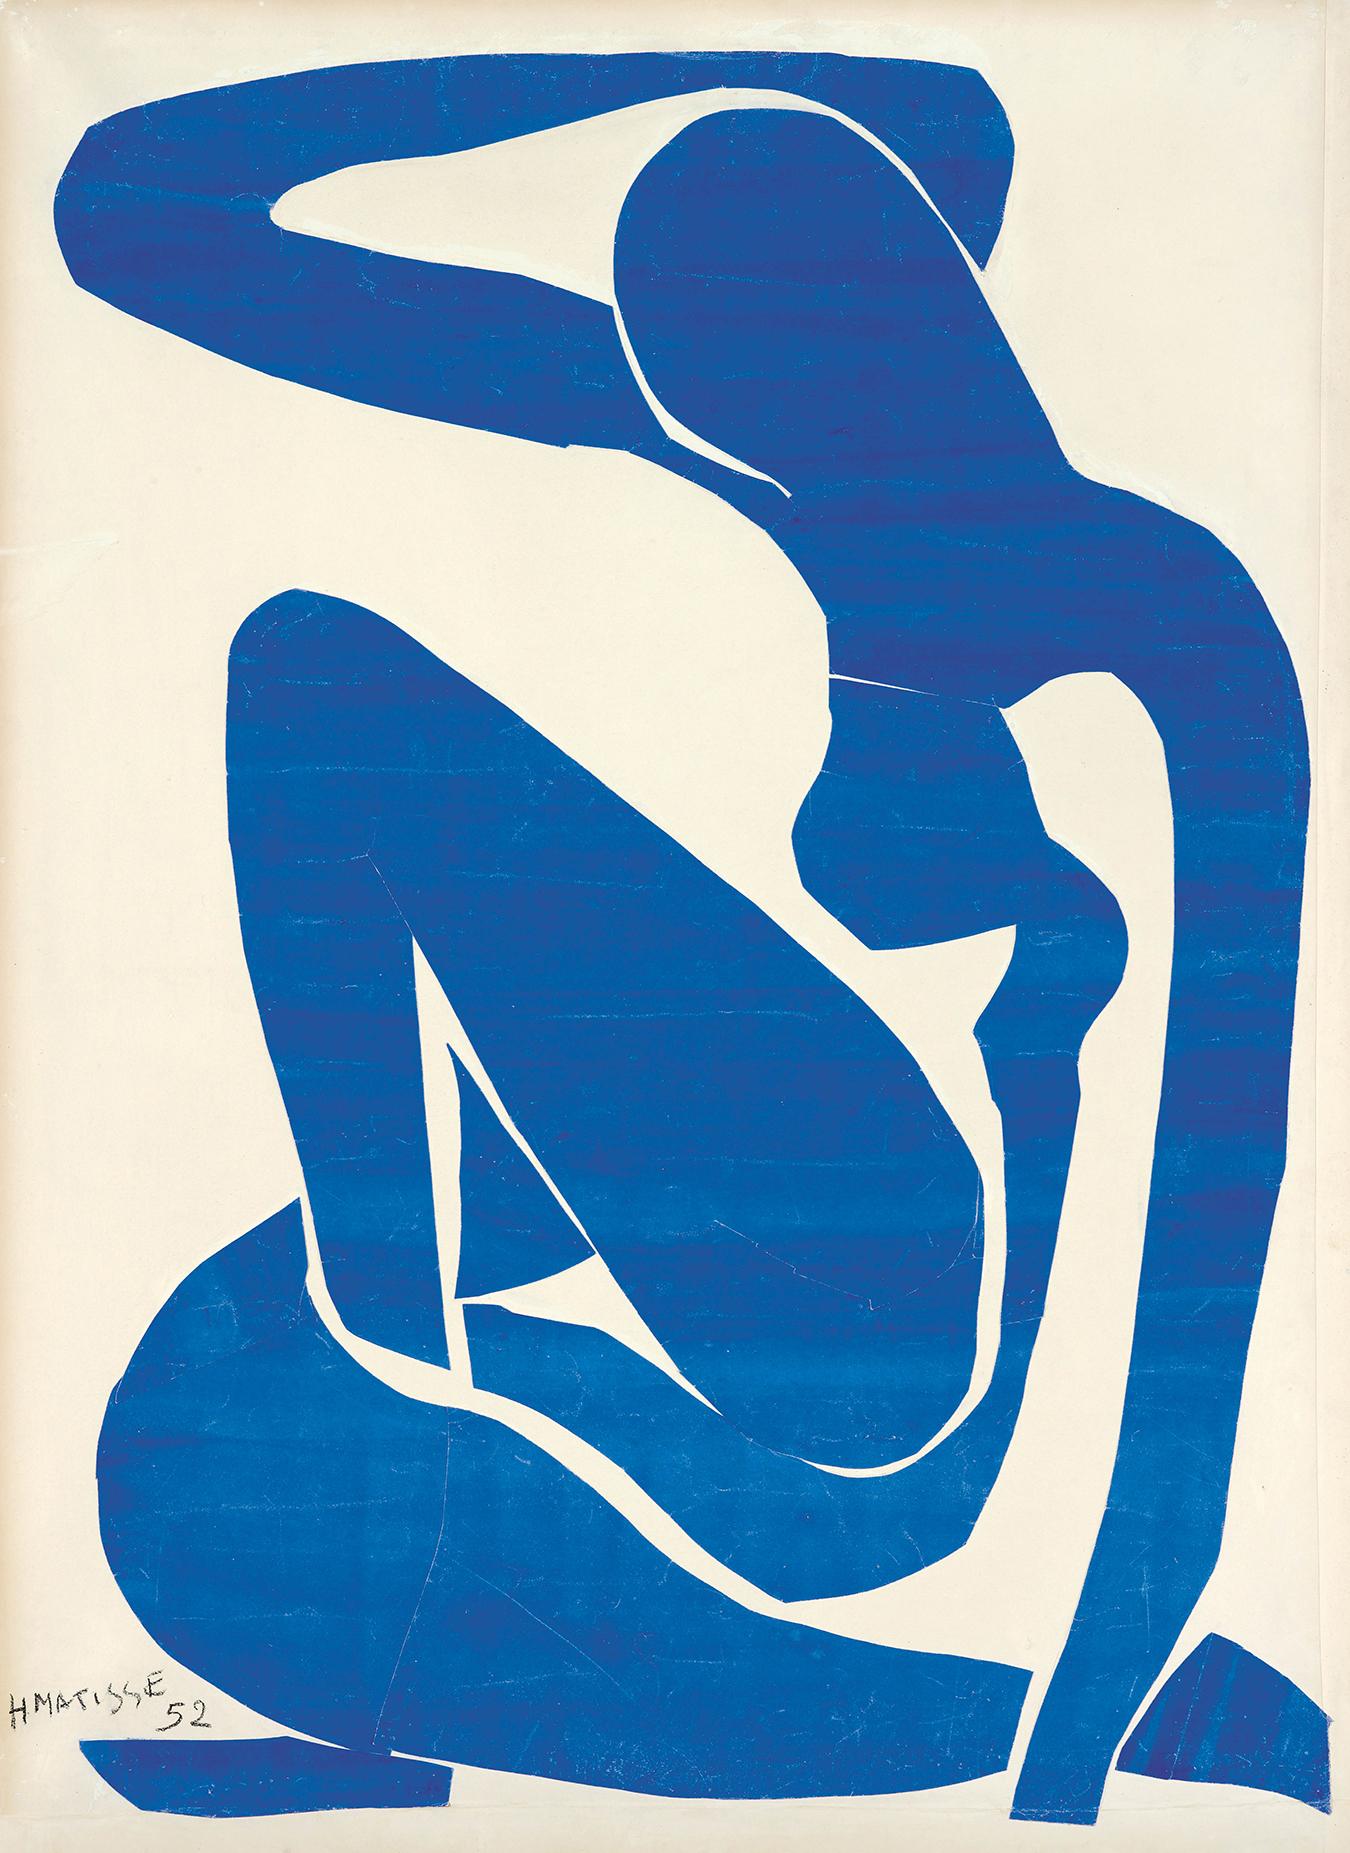 NUVO Daily Edit: Henri Matisse